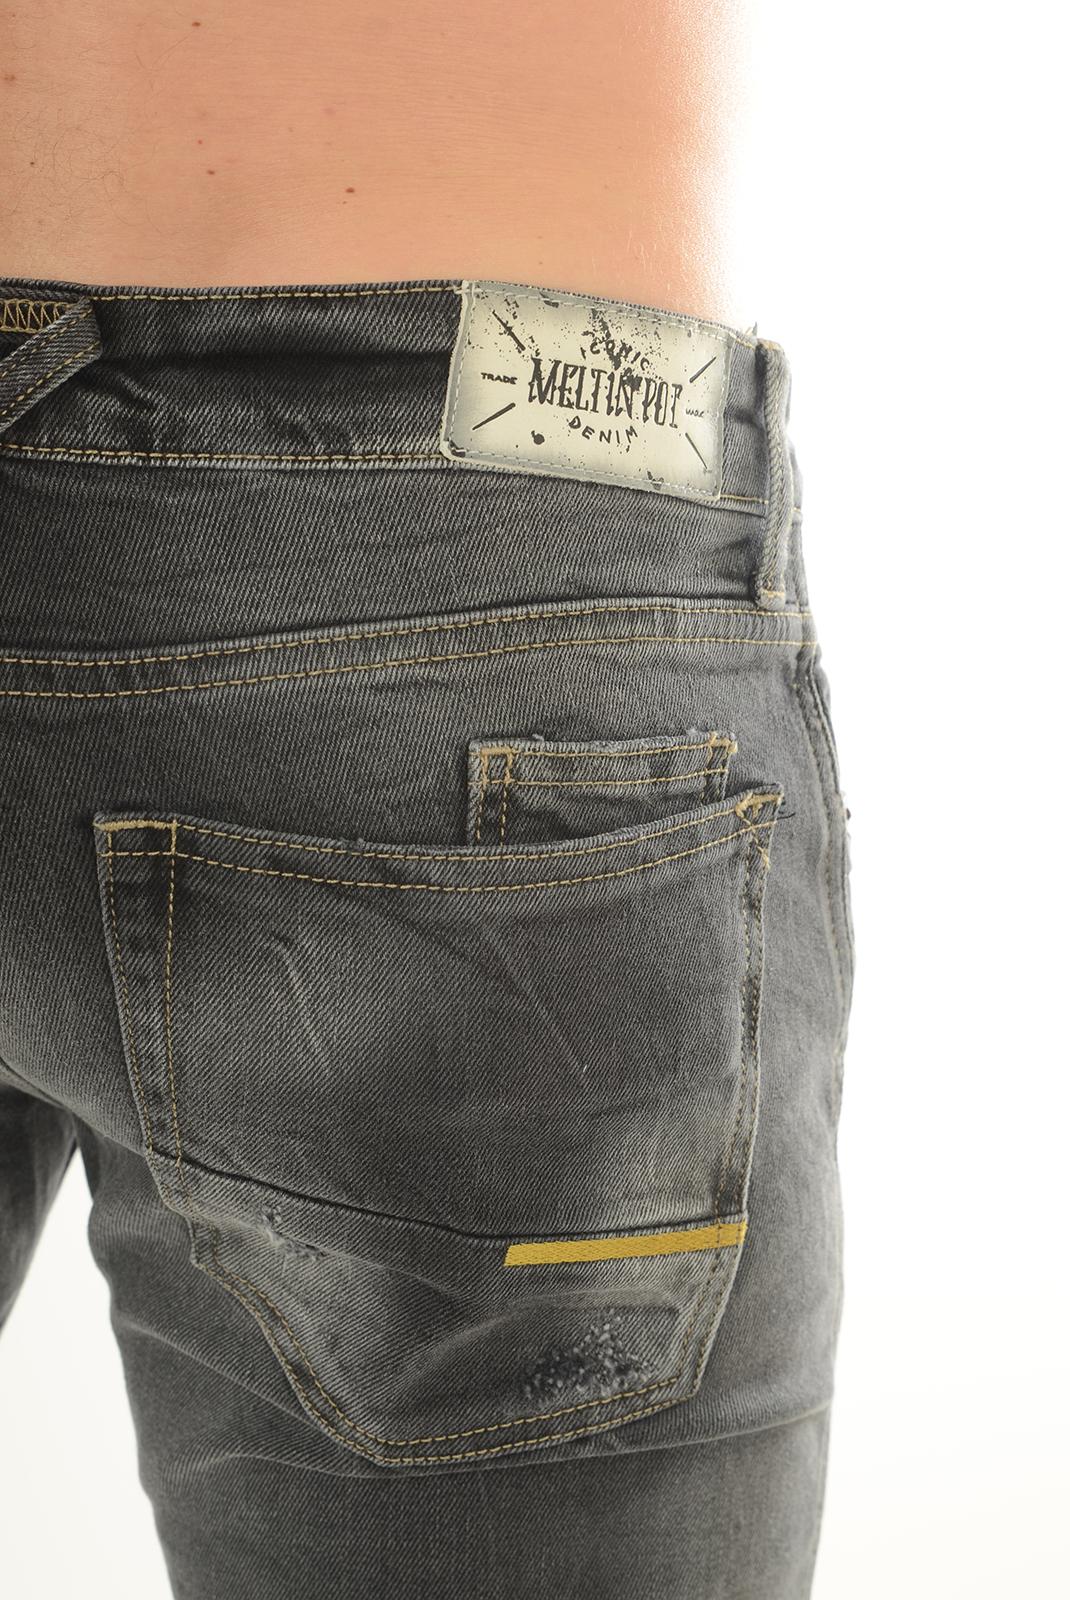 Jeans  Meltin'pot MONTREAU D1691 UP105 GRIS NF15